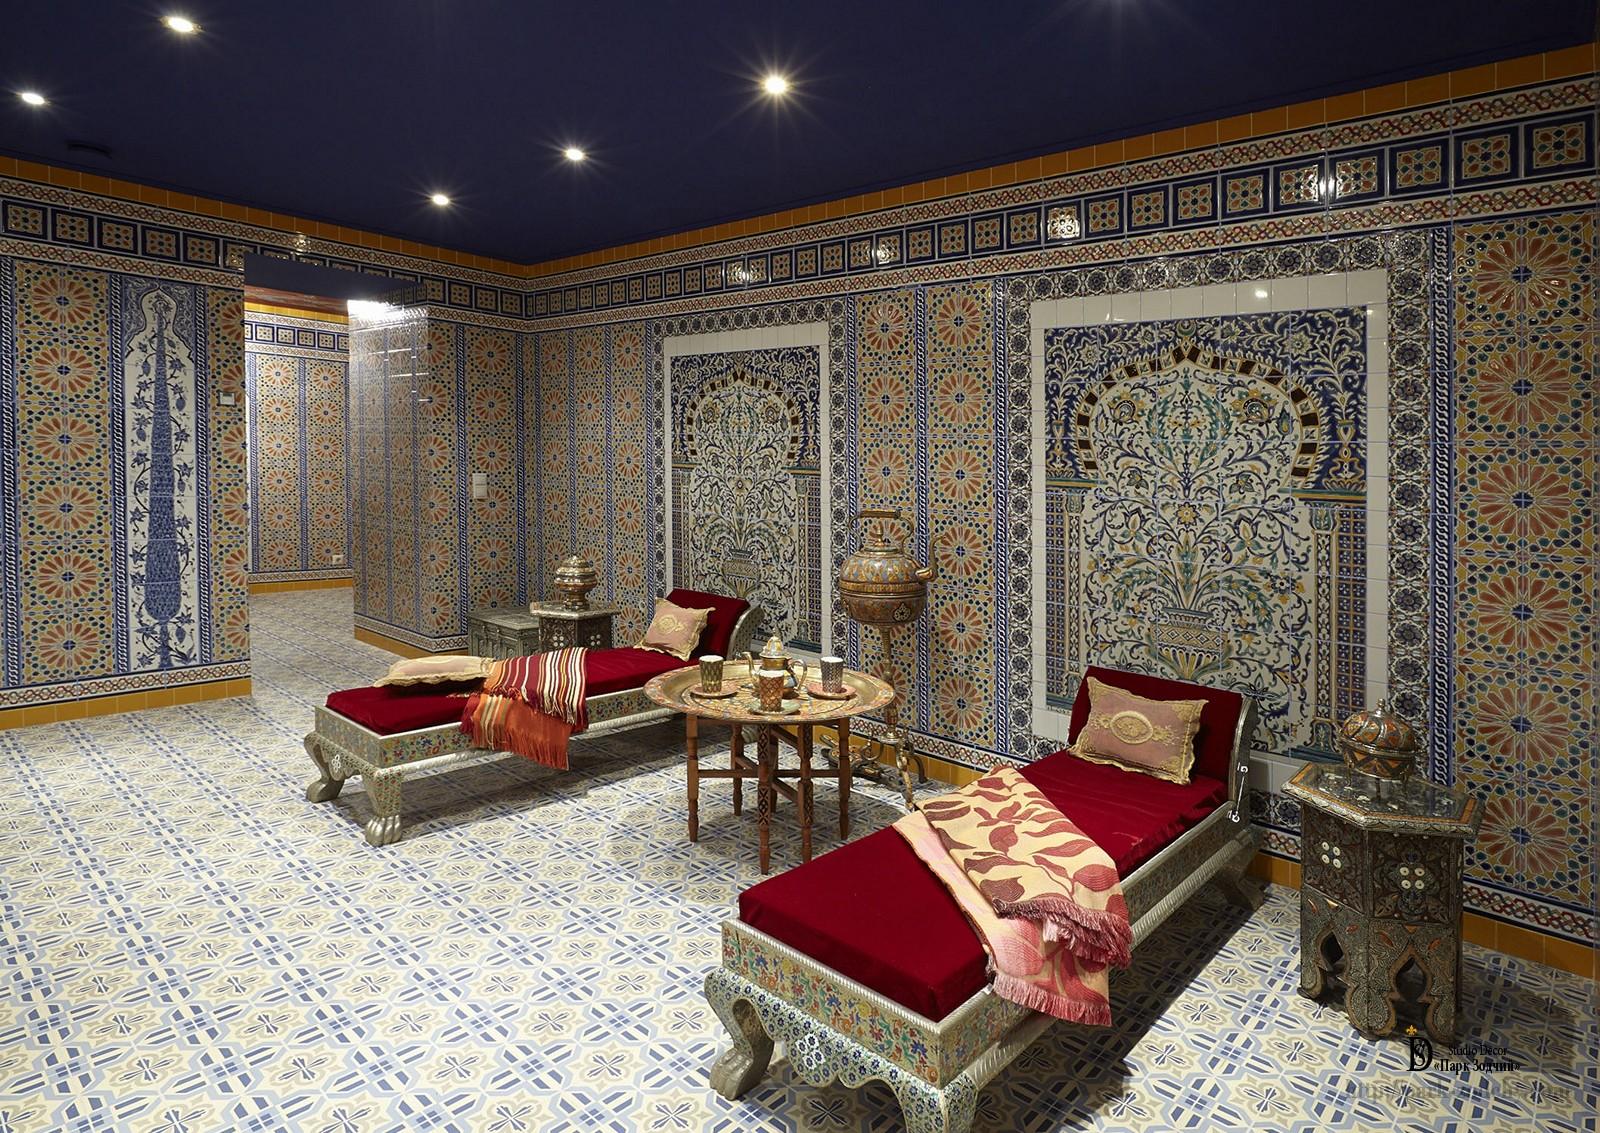 Декоративная кафельная плитка в интерьере хамама